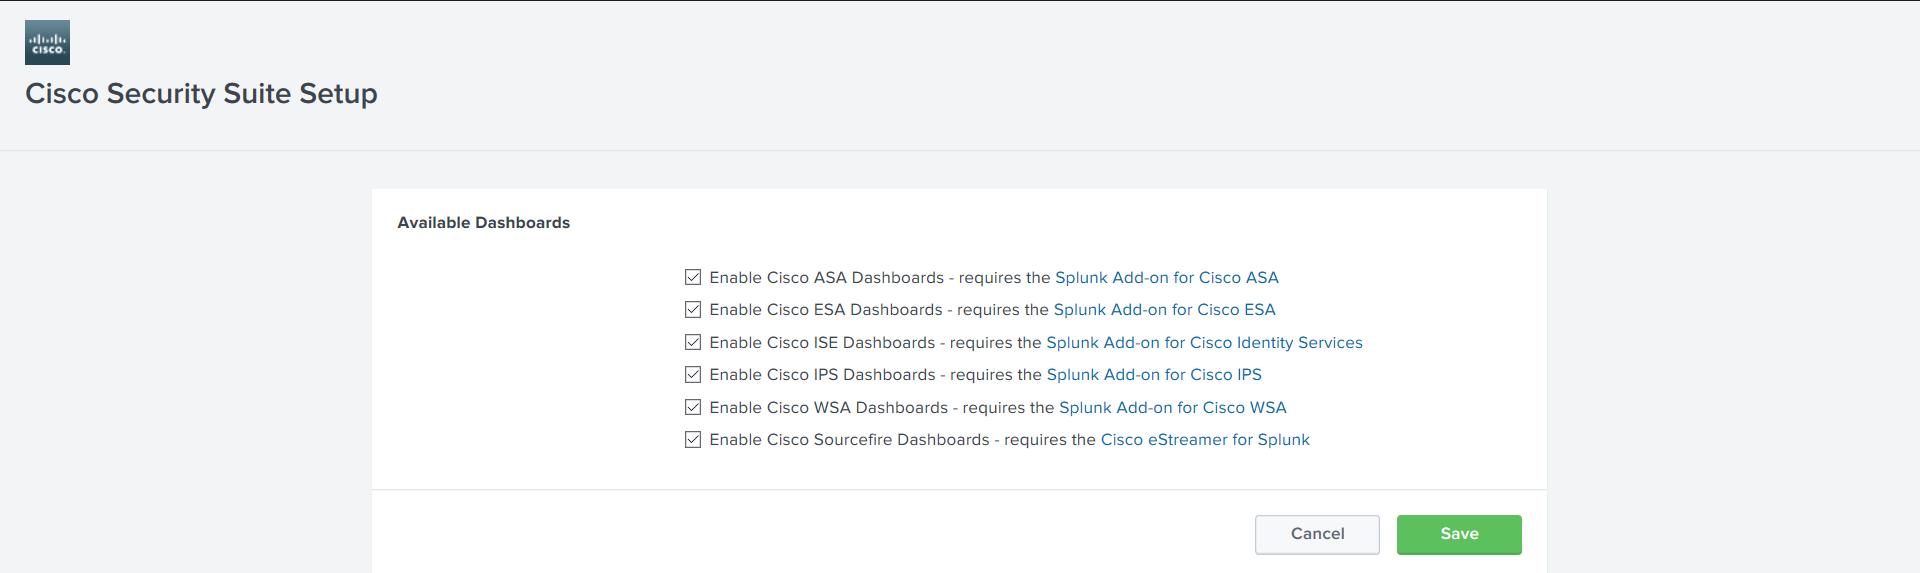 Анализ логов Cisco устройств c помощью Splunk Cisco Security Suite - 2